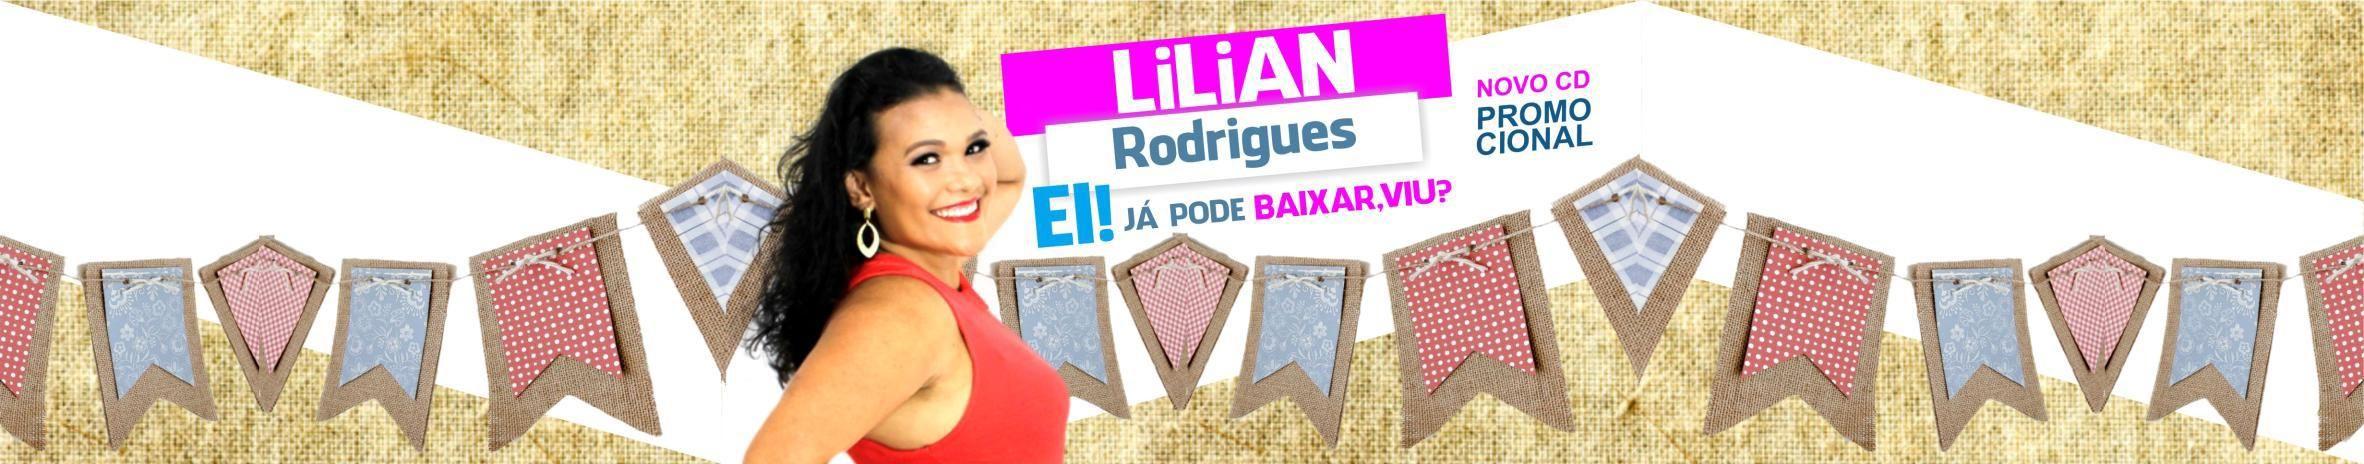 Imagem de capa de Lilian Rodrigues